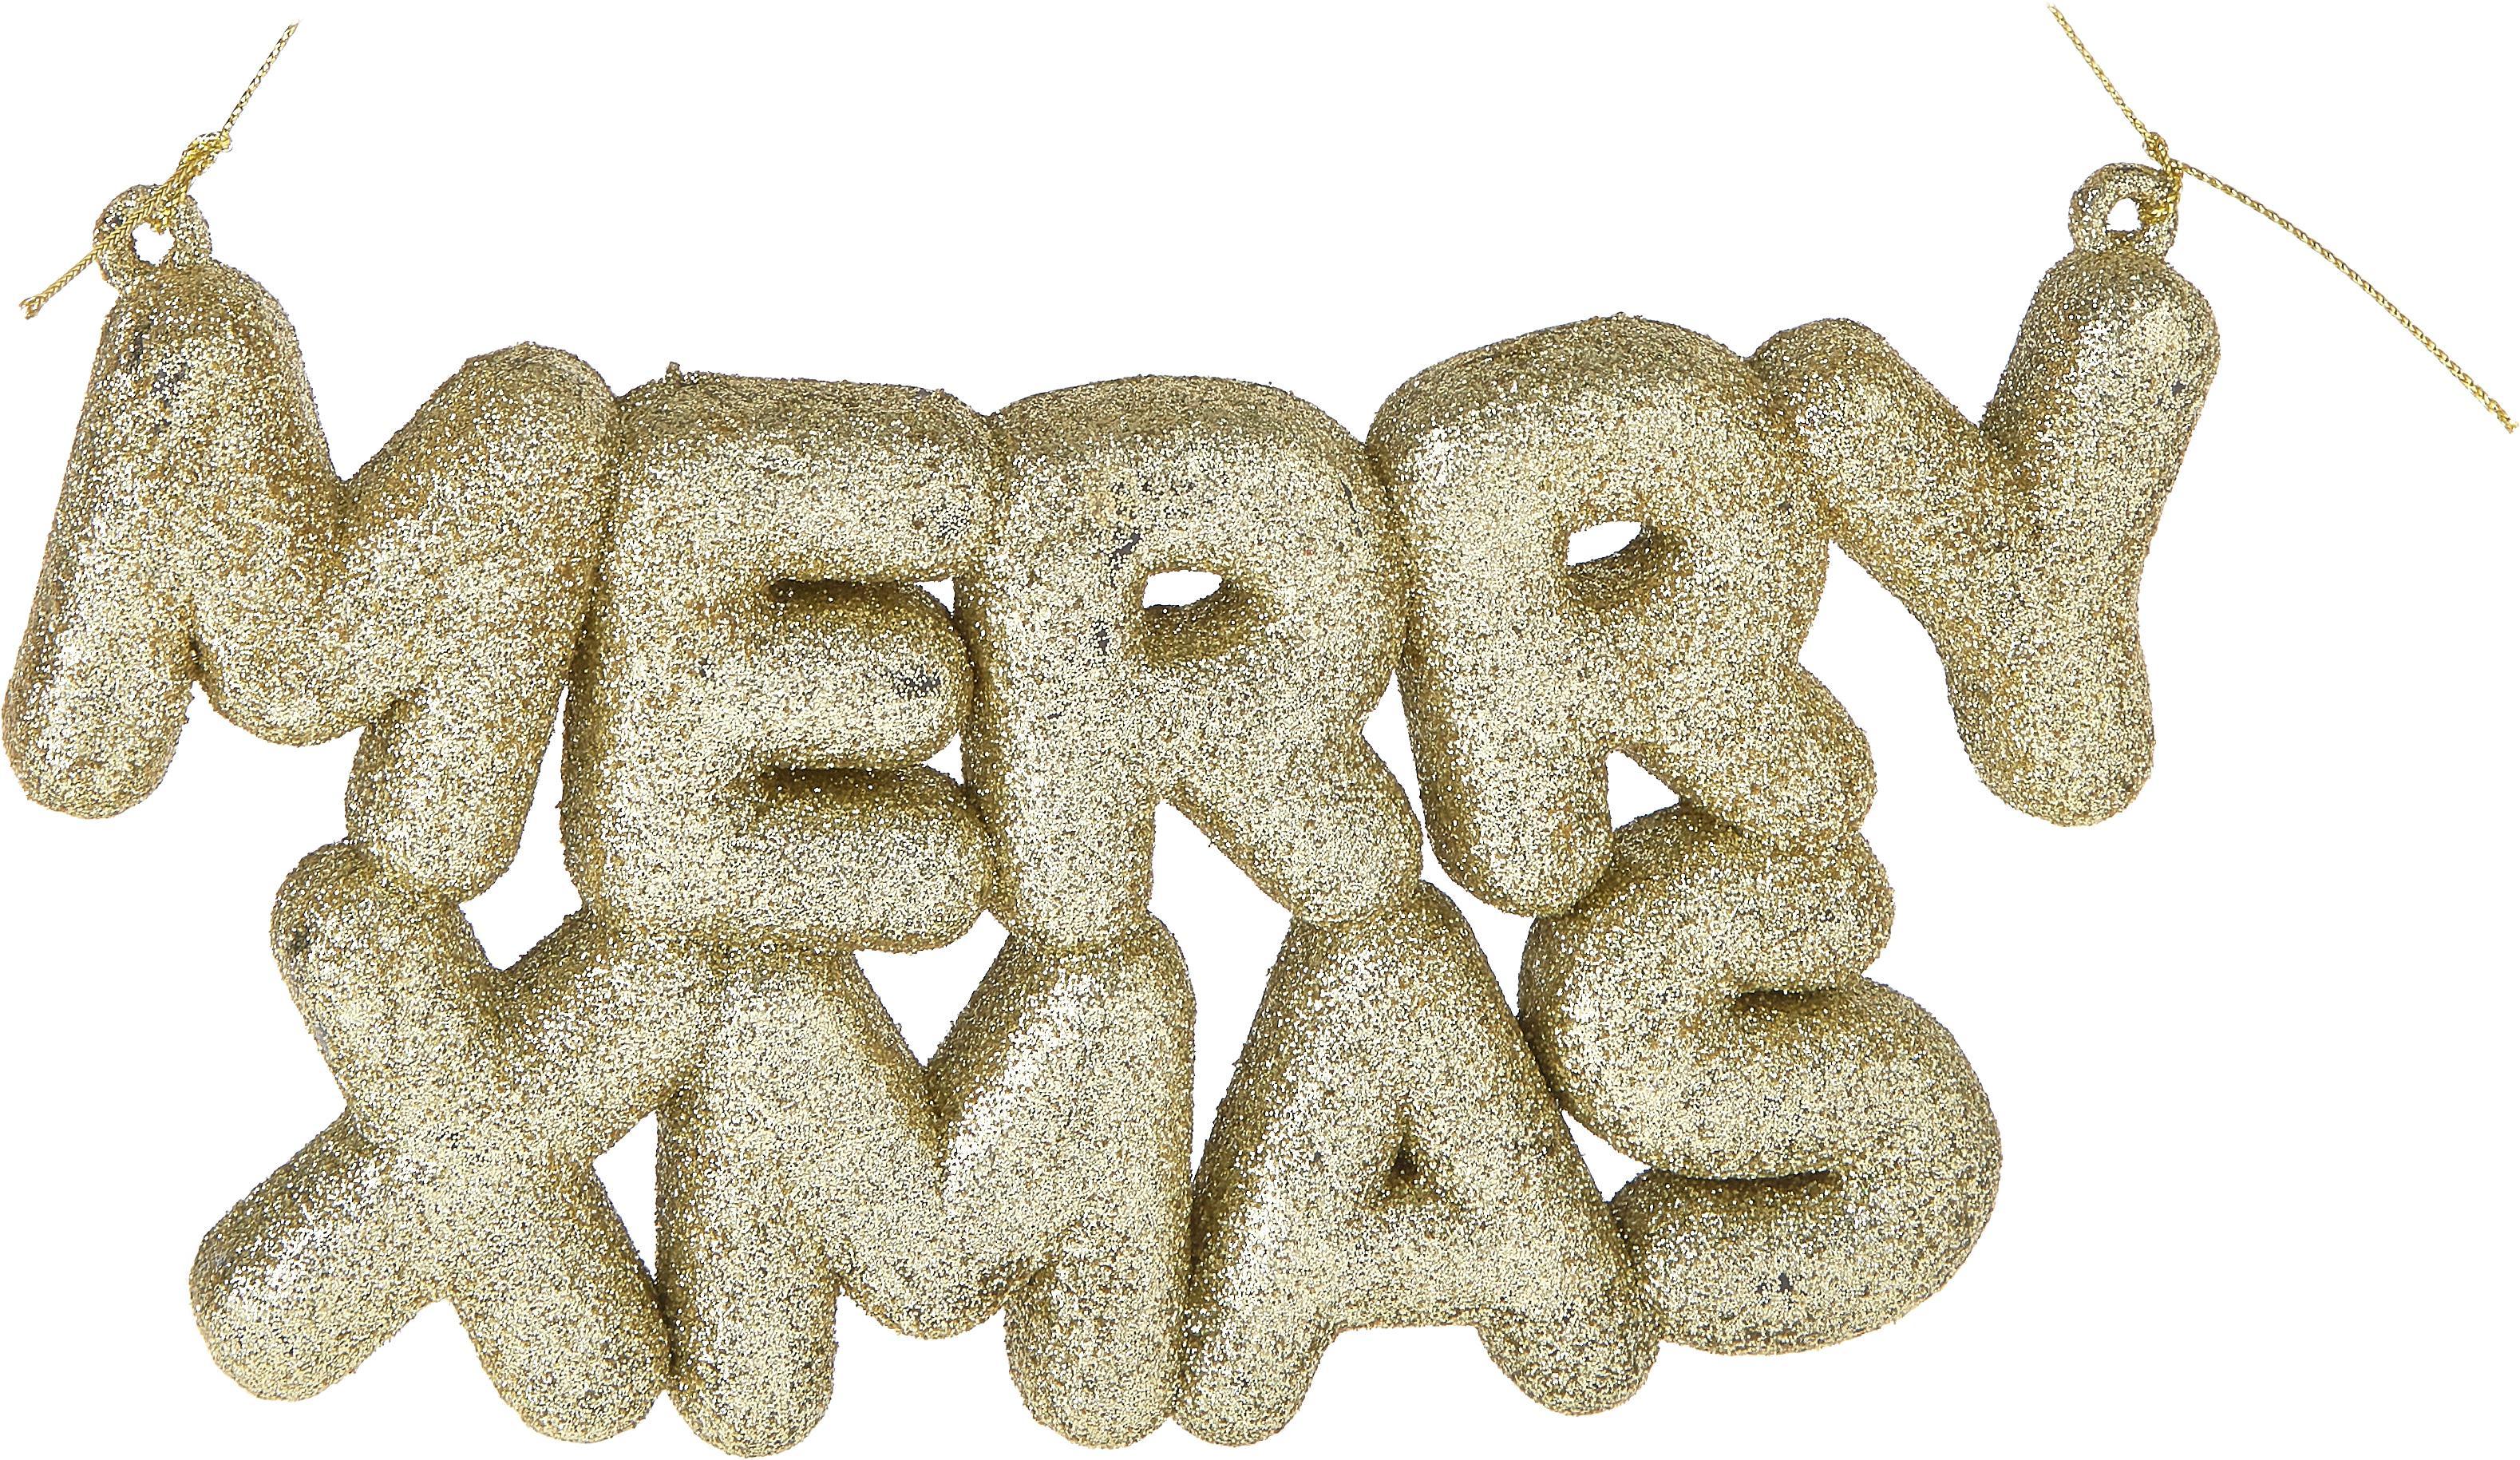 Dekoracja Yule, Tworzywo sztuczne, Odcienie srebrnego, S 20 x W 10 cm